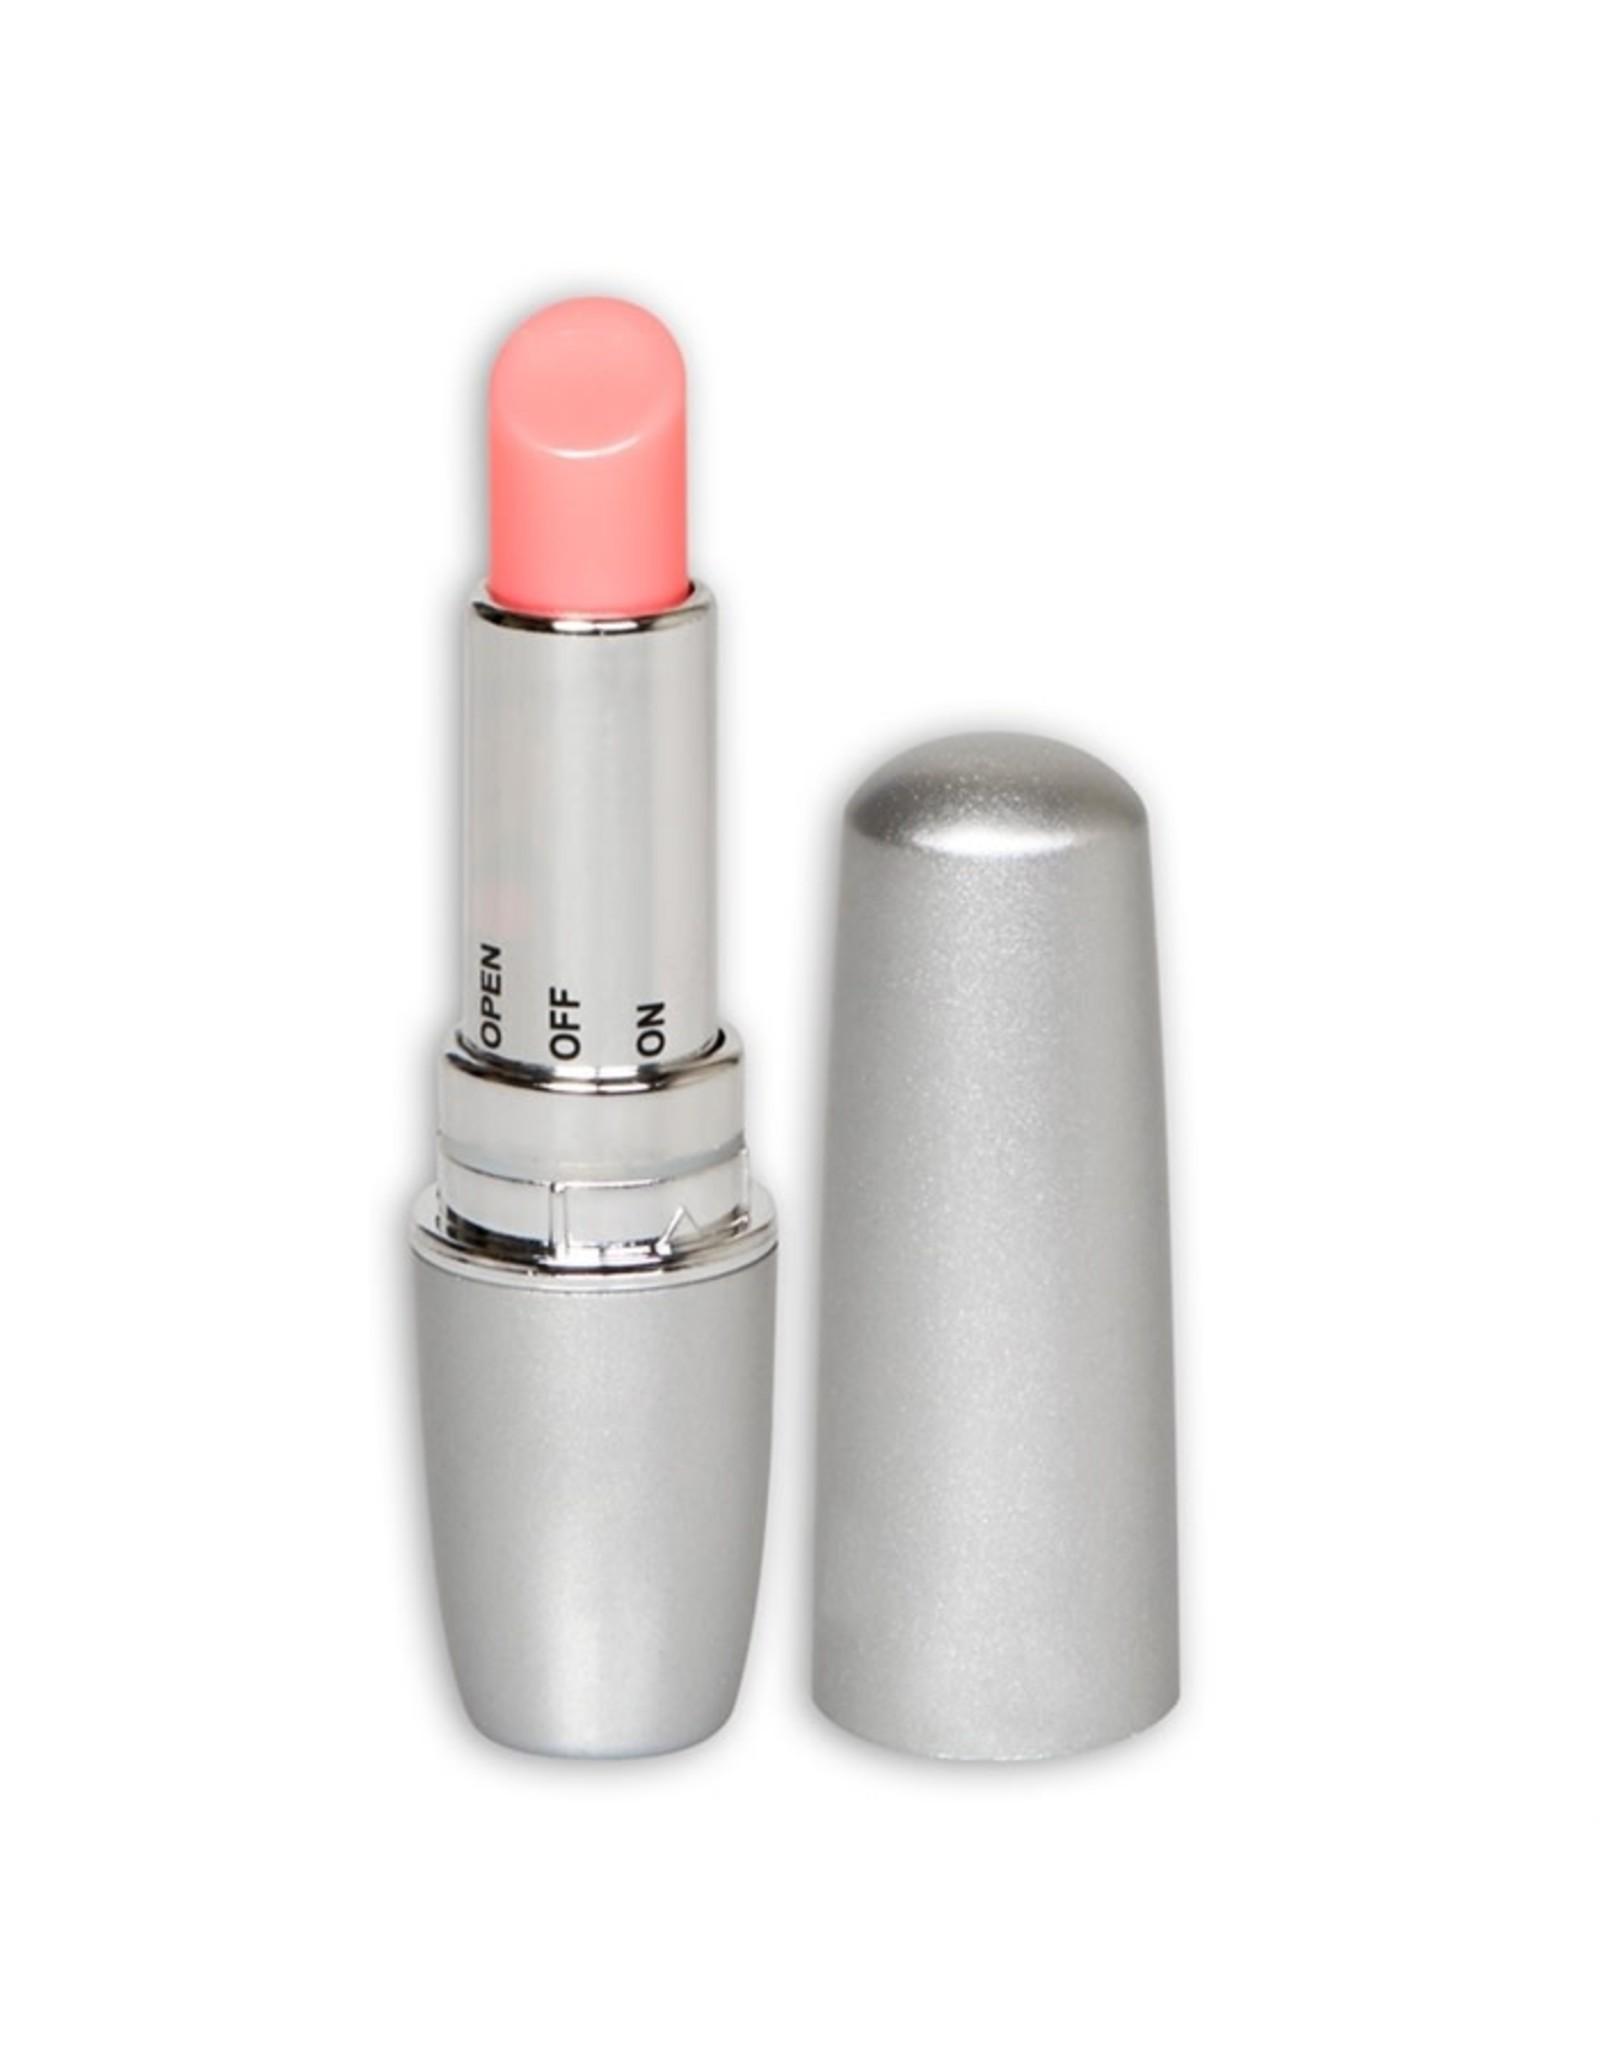 ViVilo Pink Lady Vibro Lipstick